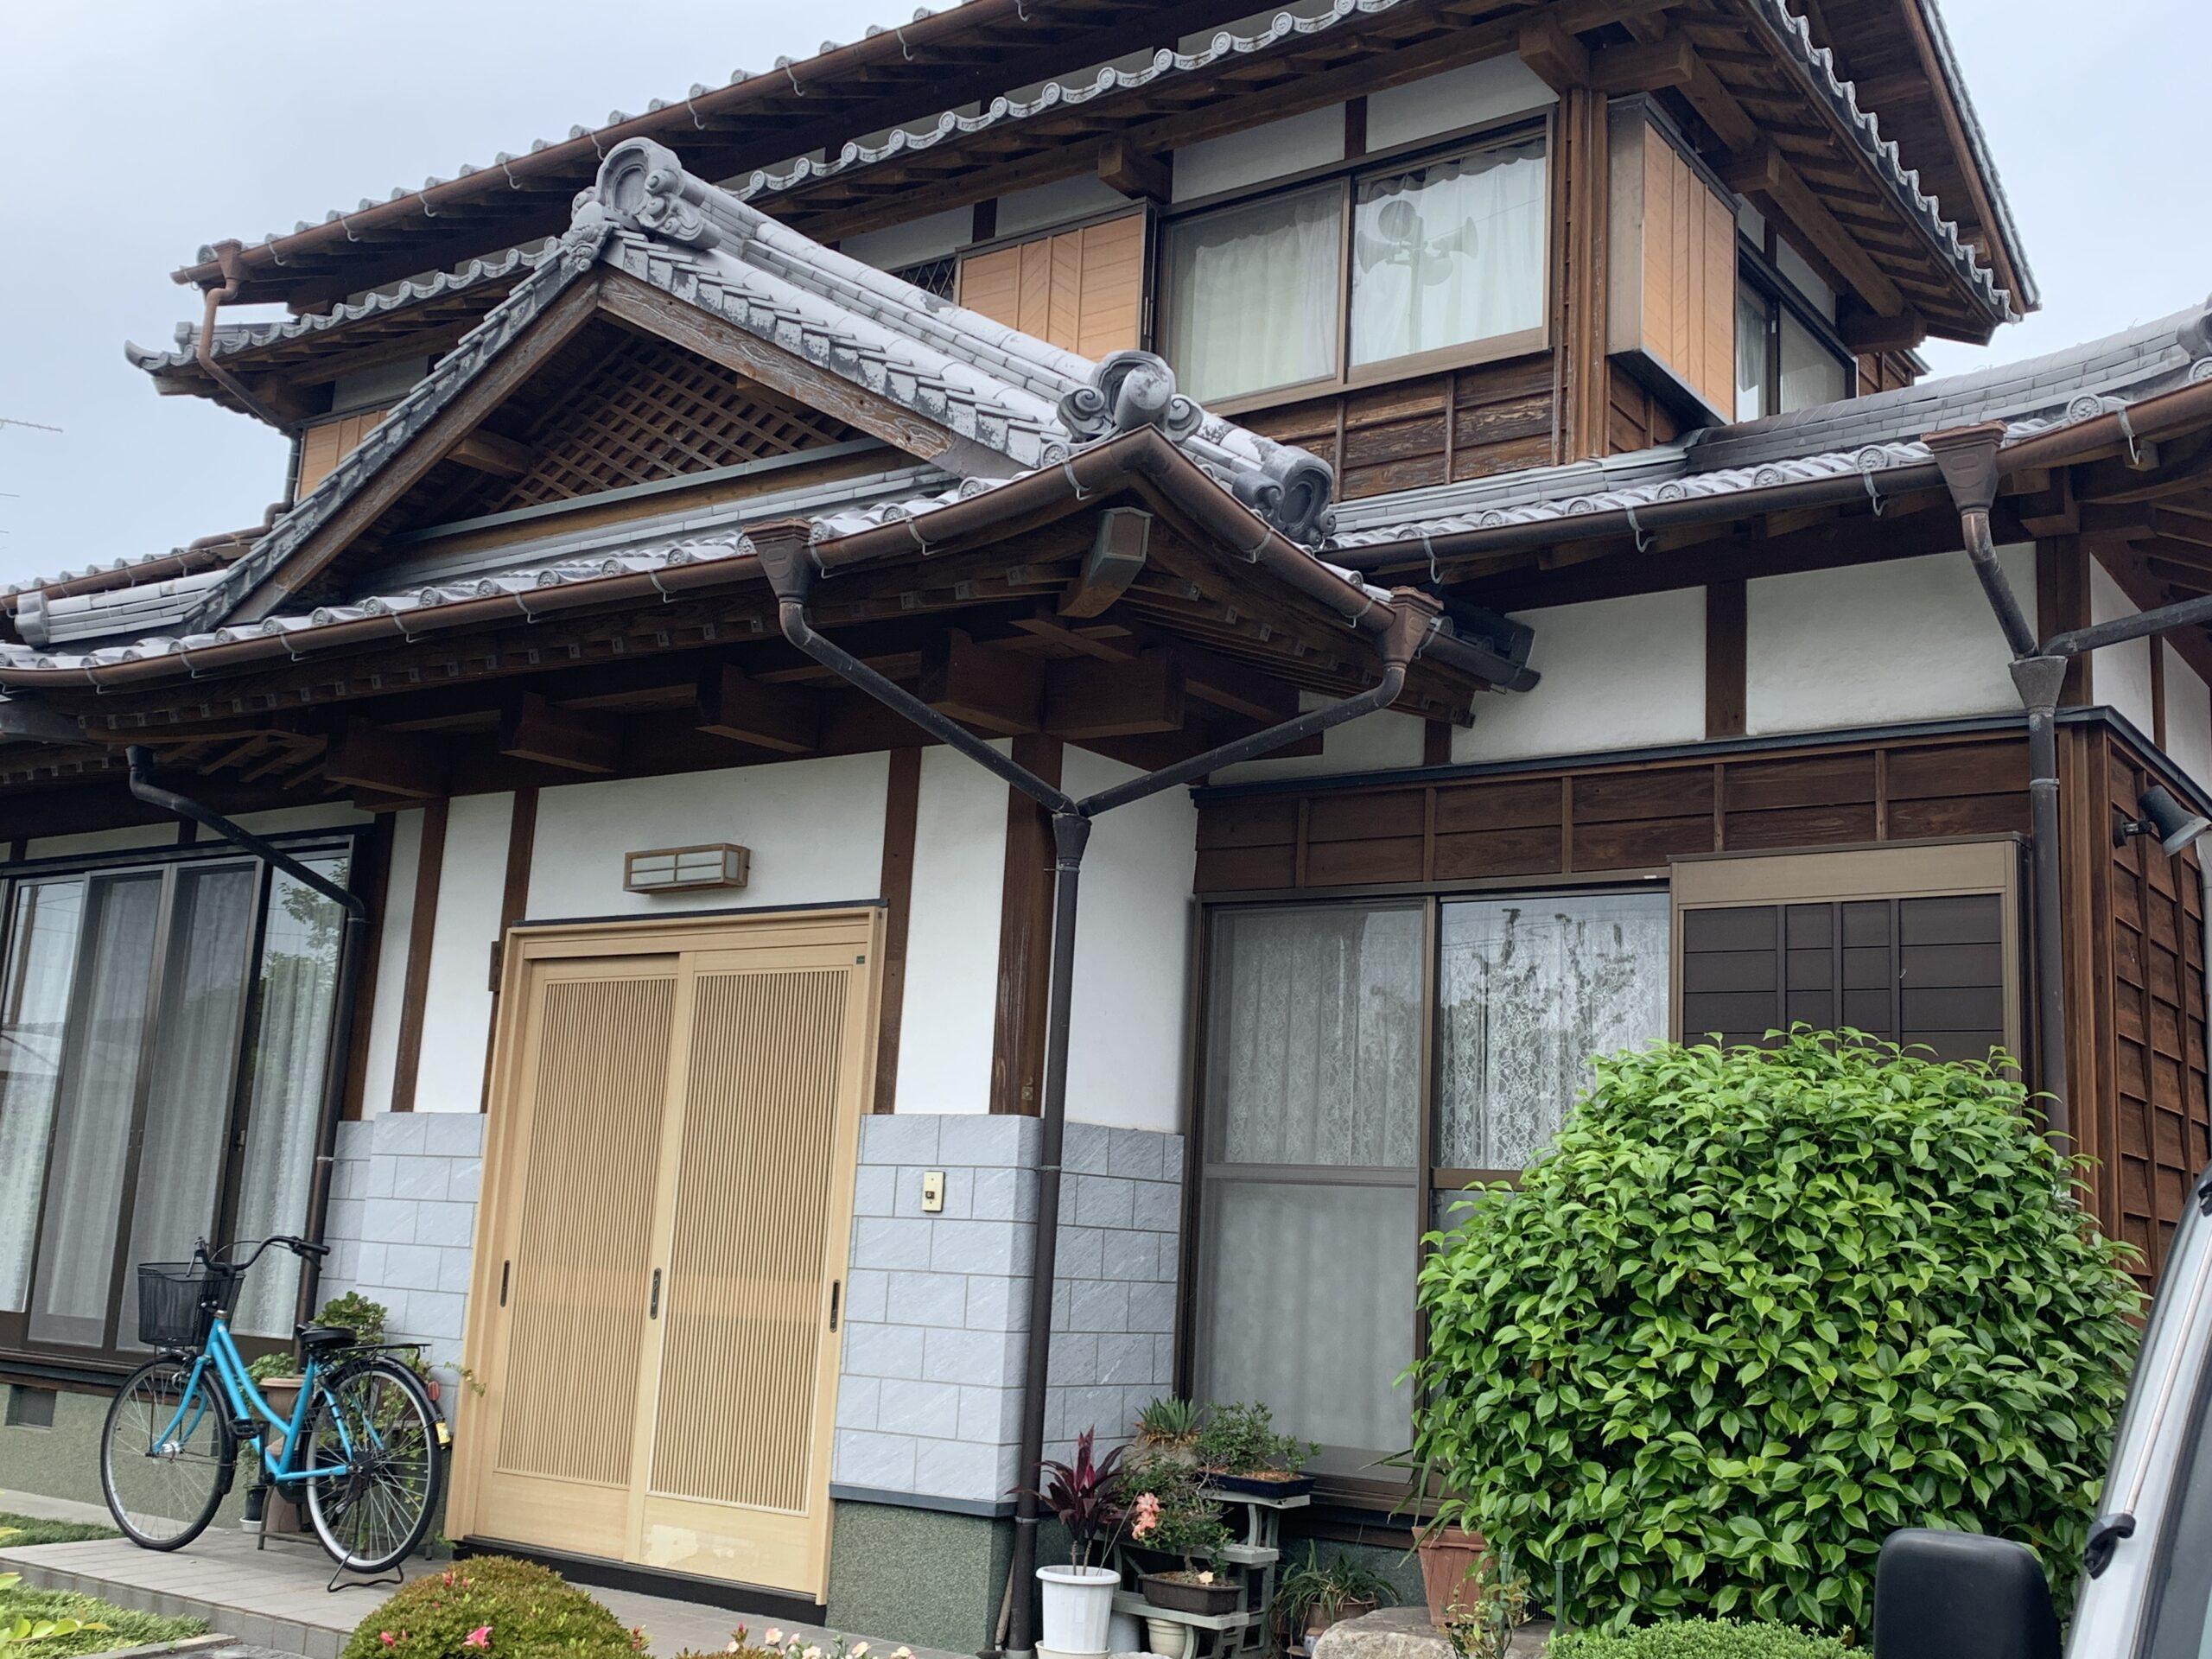 佐賀市 塗るばい サニケン さにけん 外壁塗装 屋根塗装 塗装 施工事例 サニー建設商事